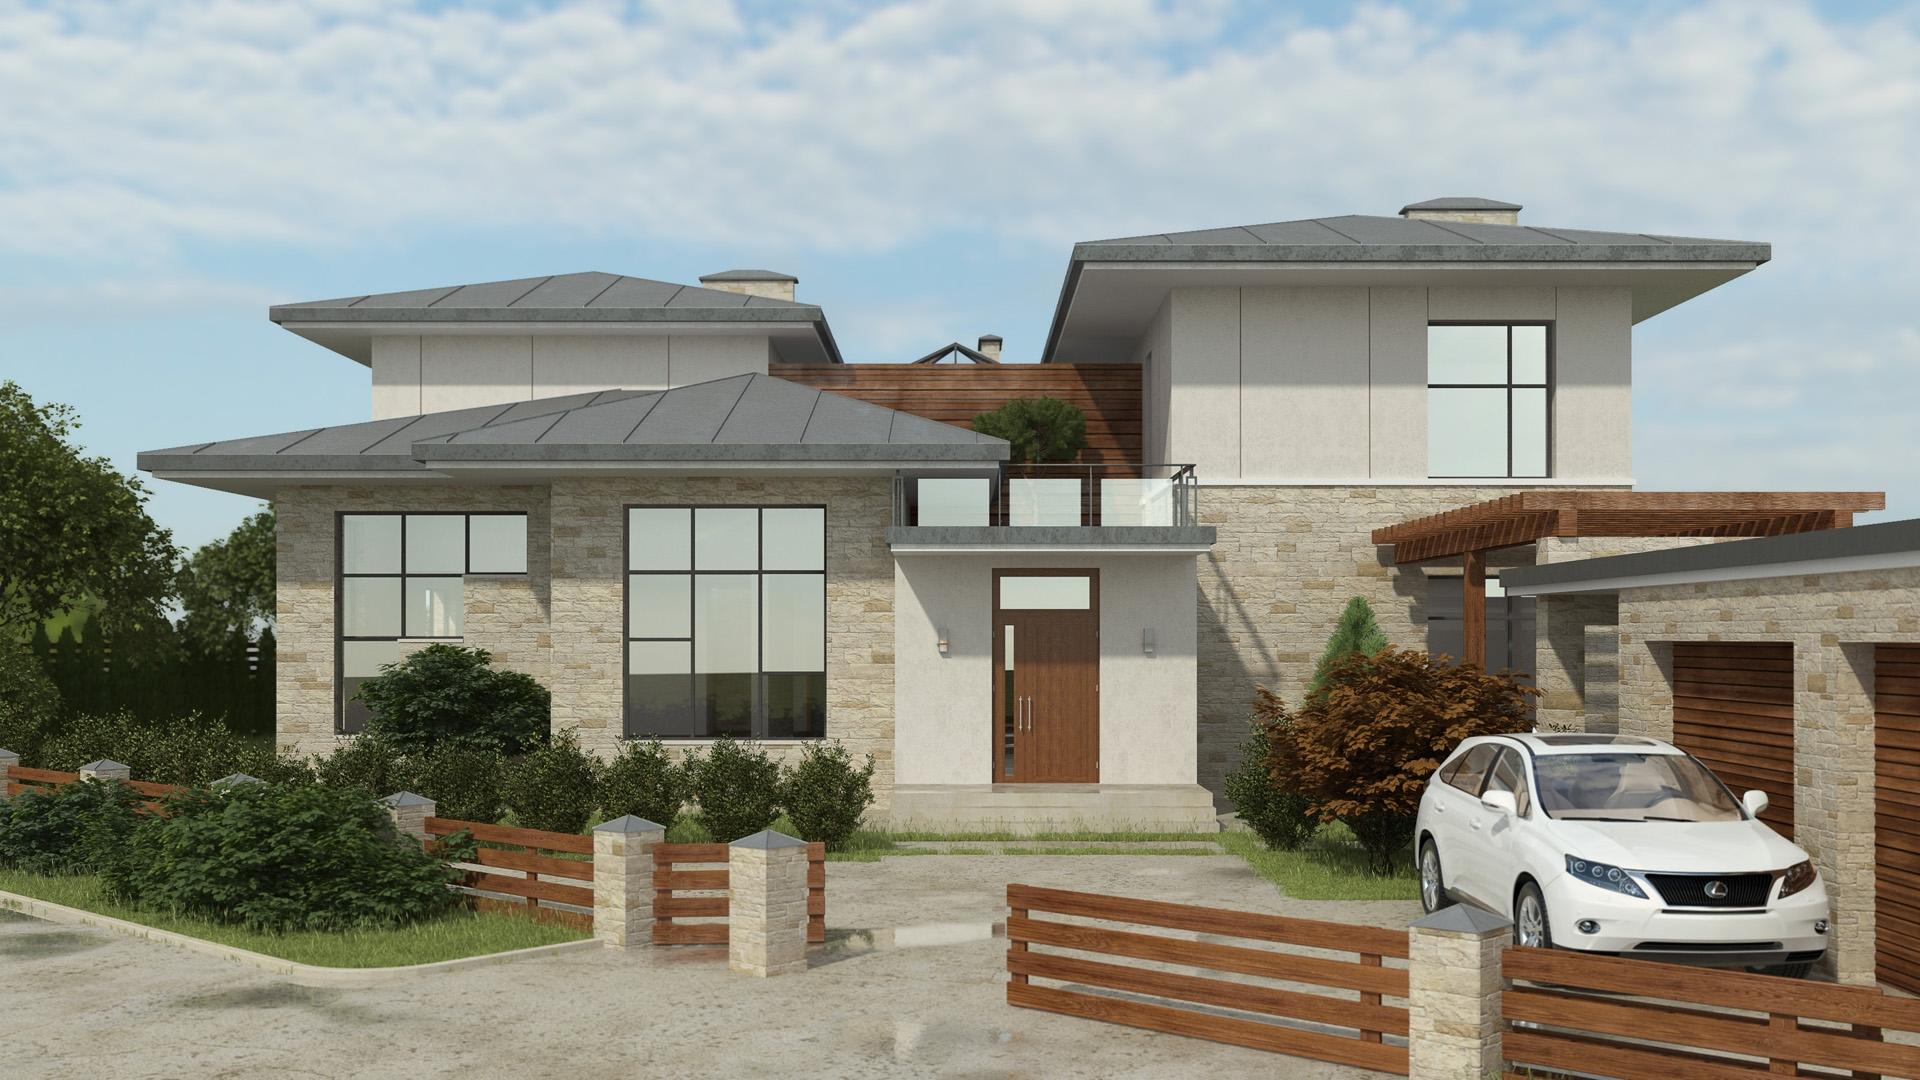 Изображение для проекта Проект современного особняка в Бишкеке 2040